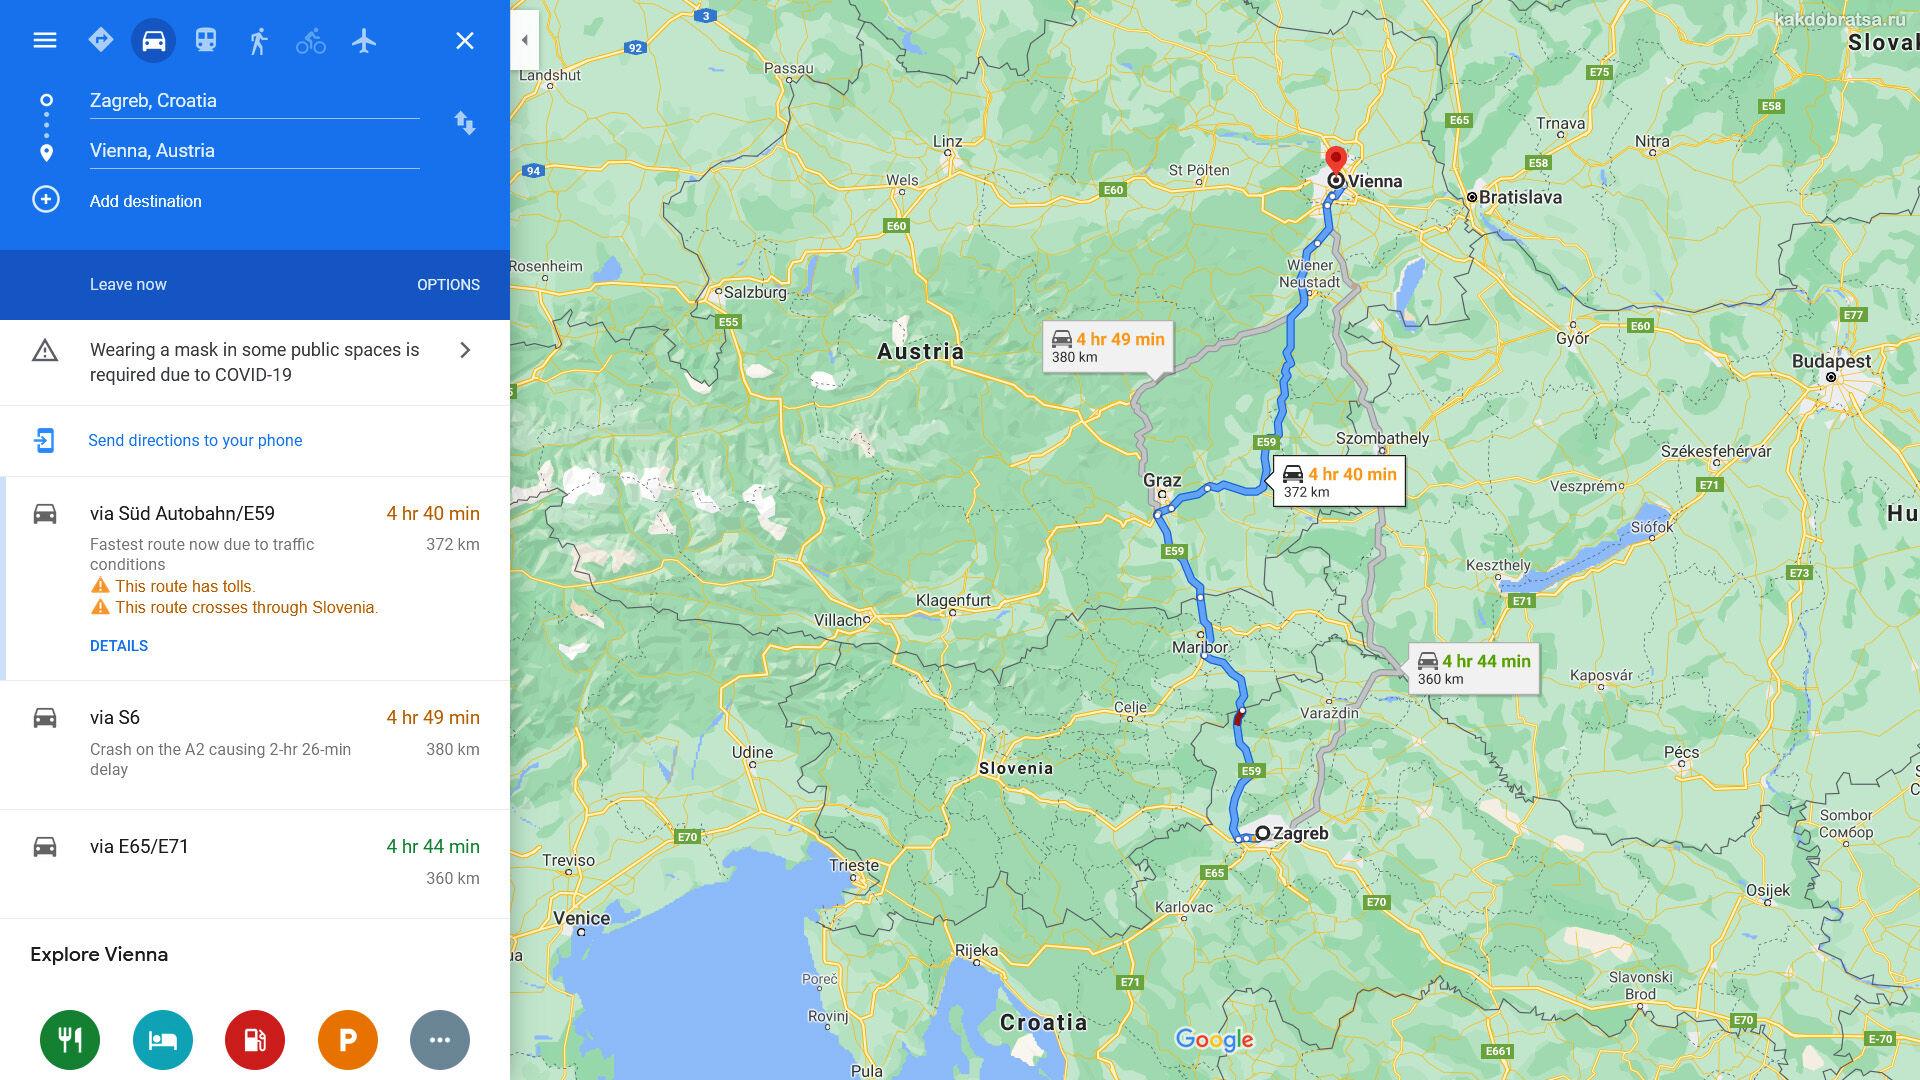 Расстояние между Загребом и Веной по карте